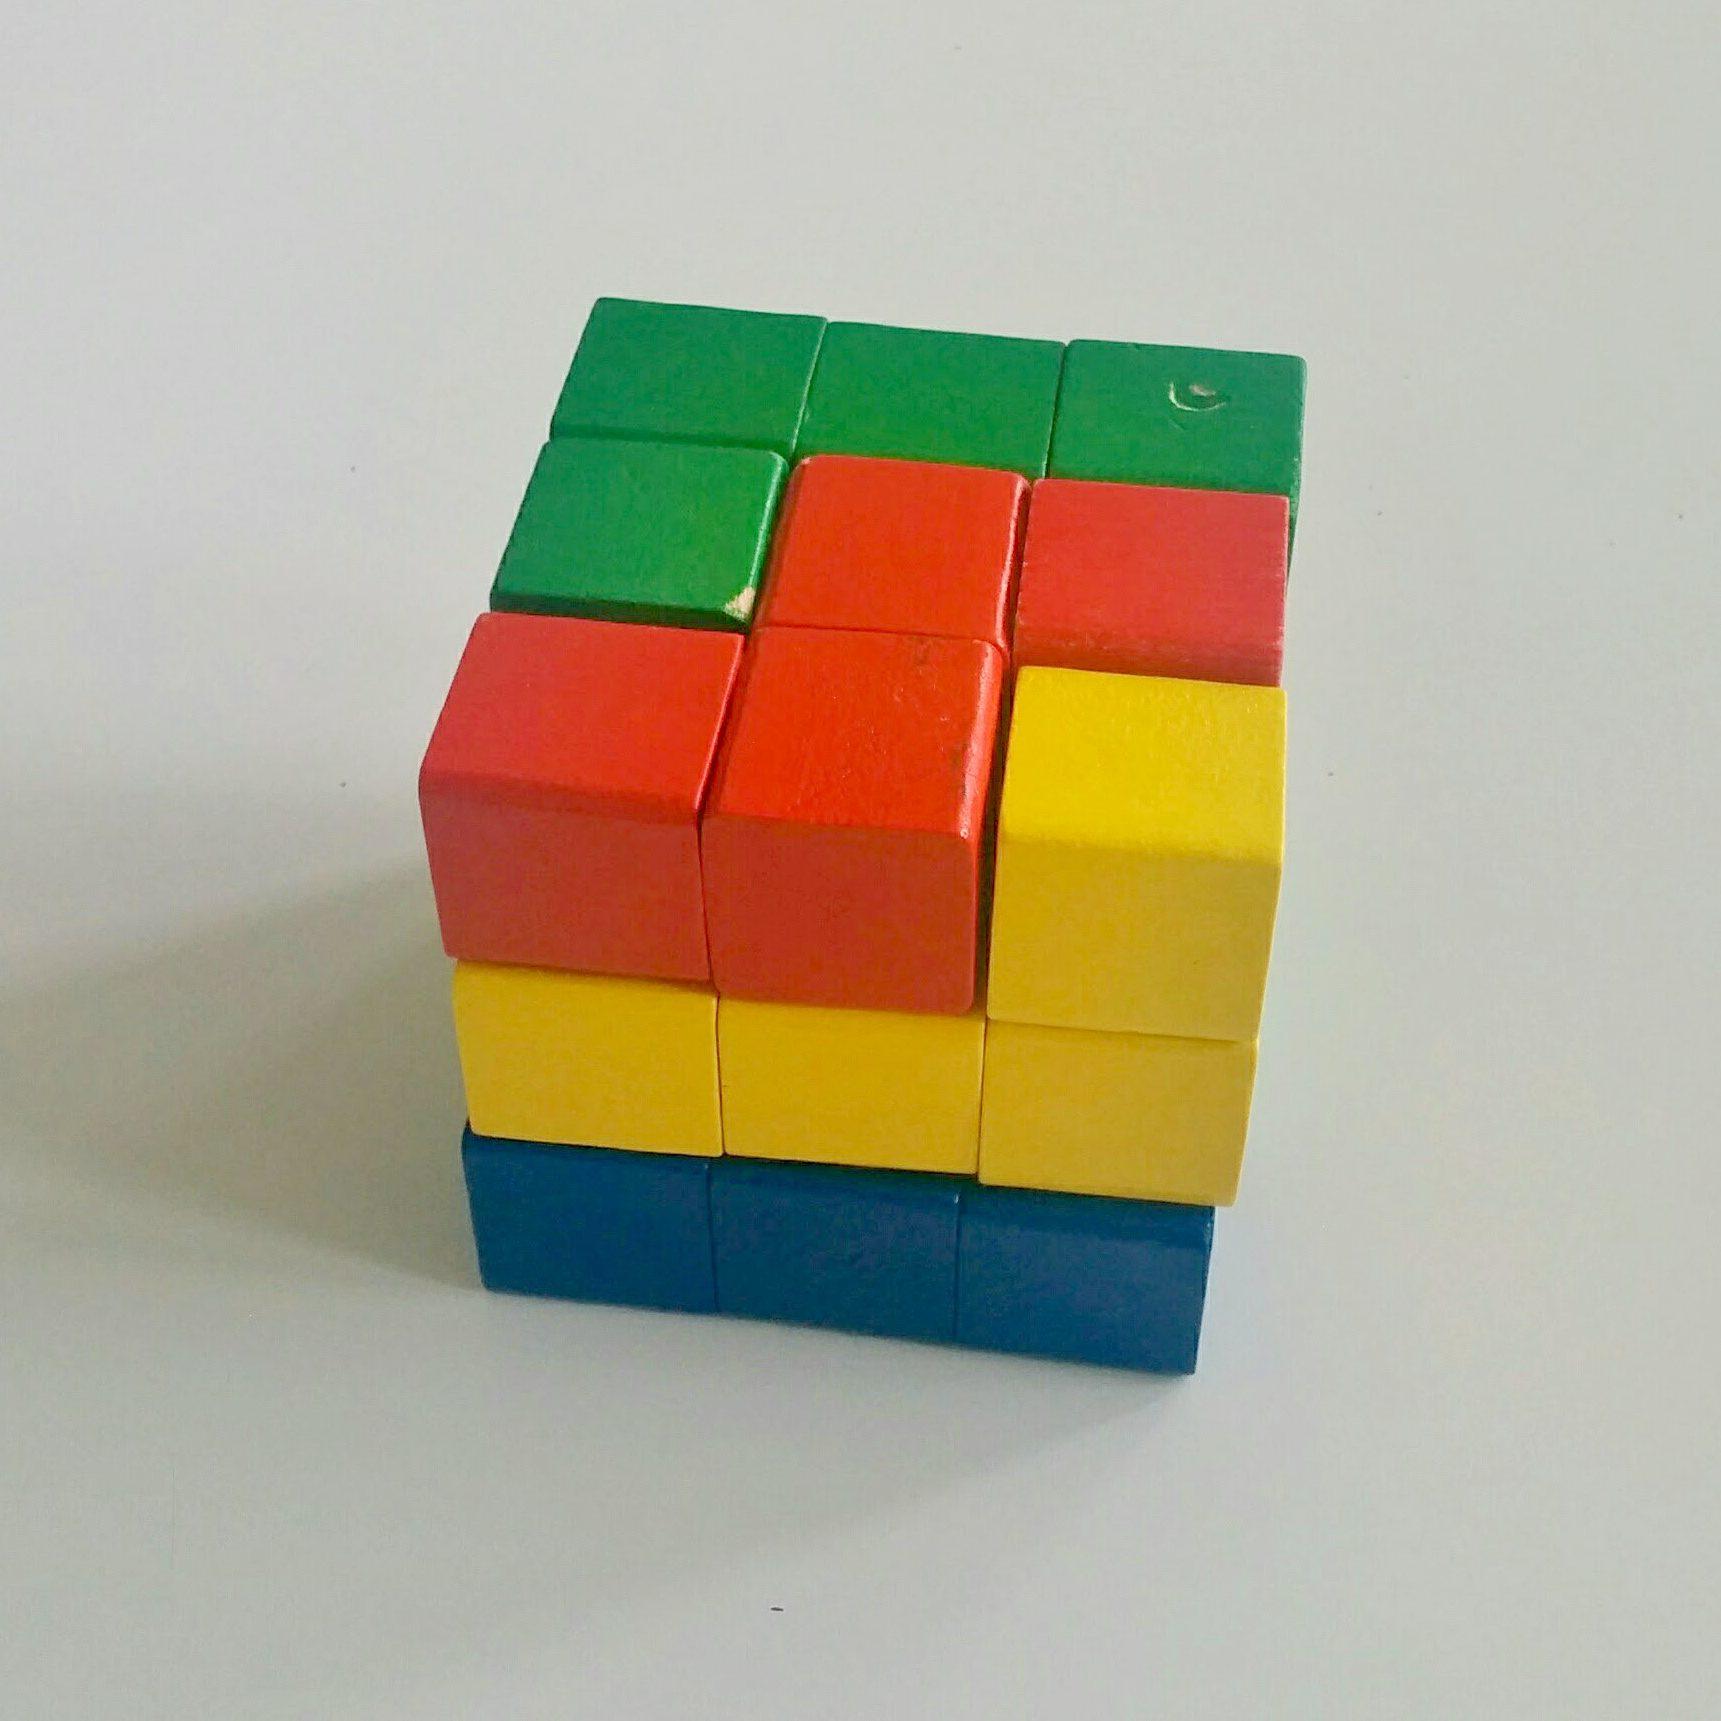 Drewniana kostka układanka logiczna - Krok 4 kostka ułożona